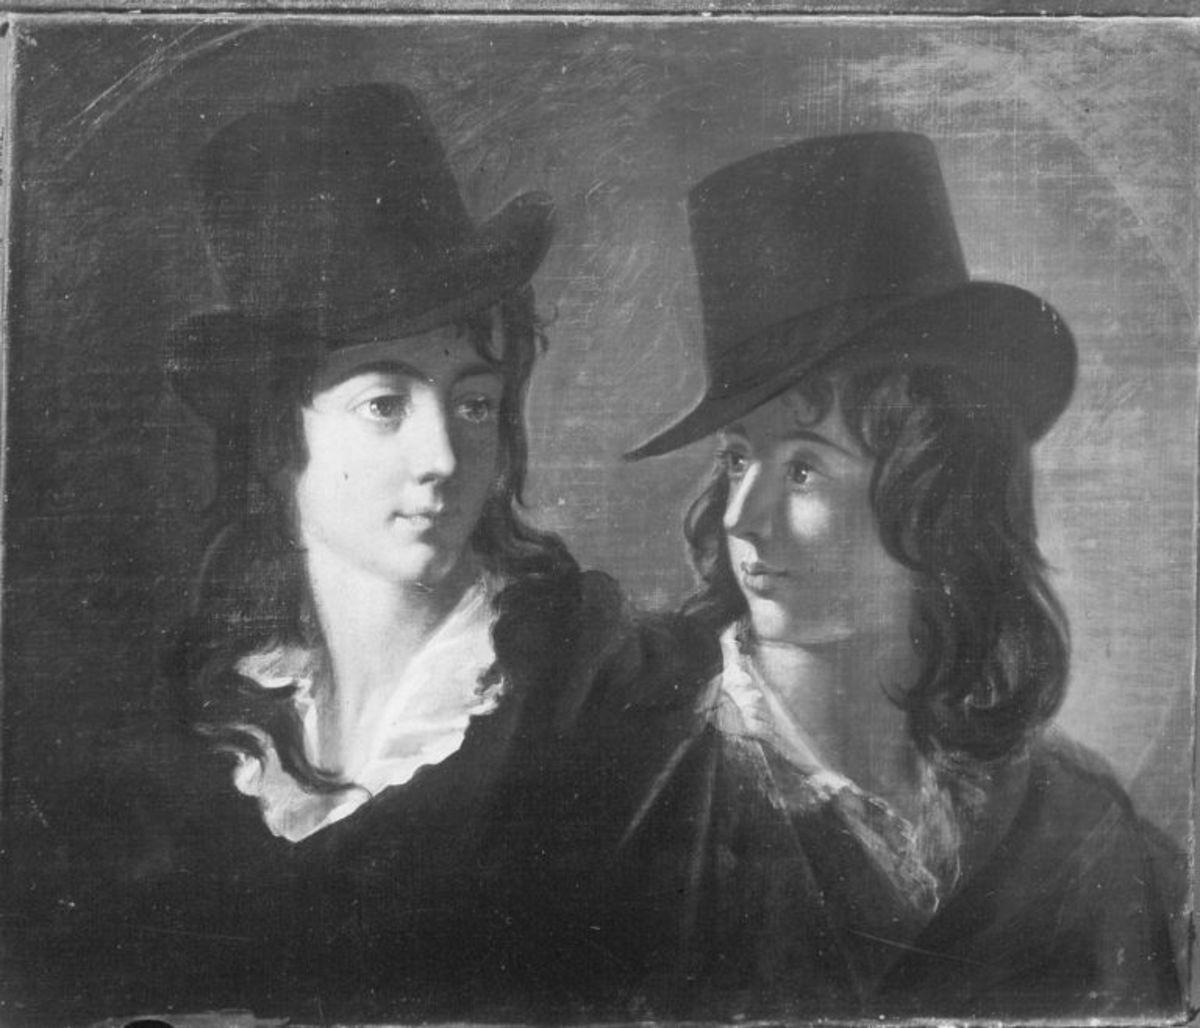 Zwei Söhne des spanischen Gesandten Nunez